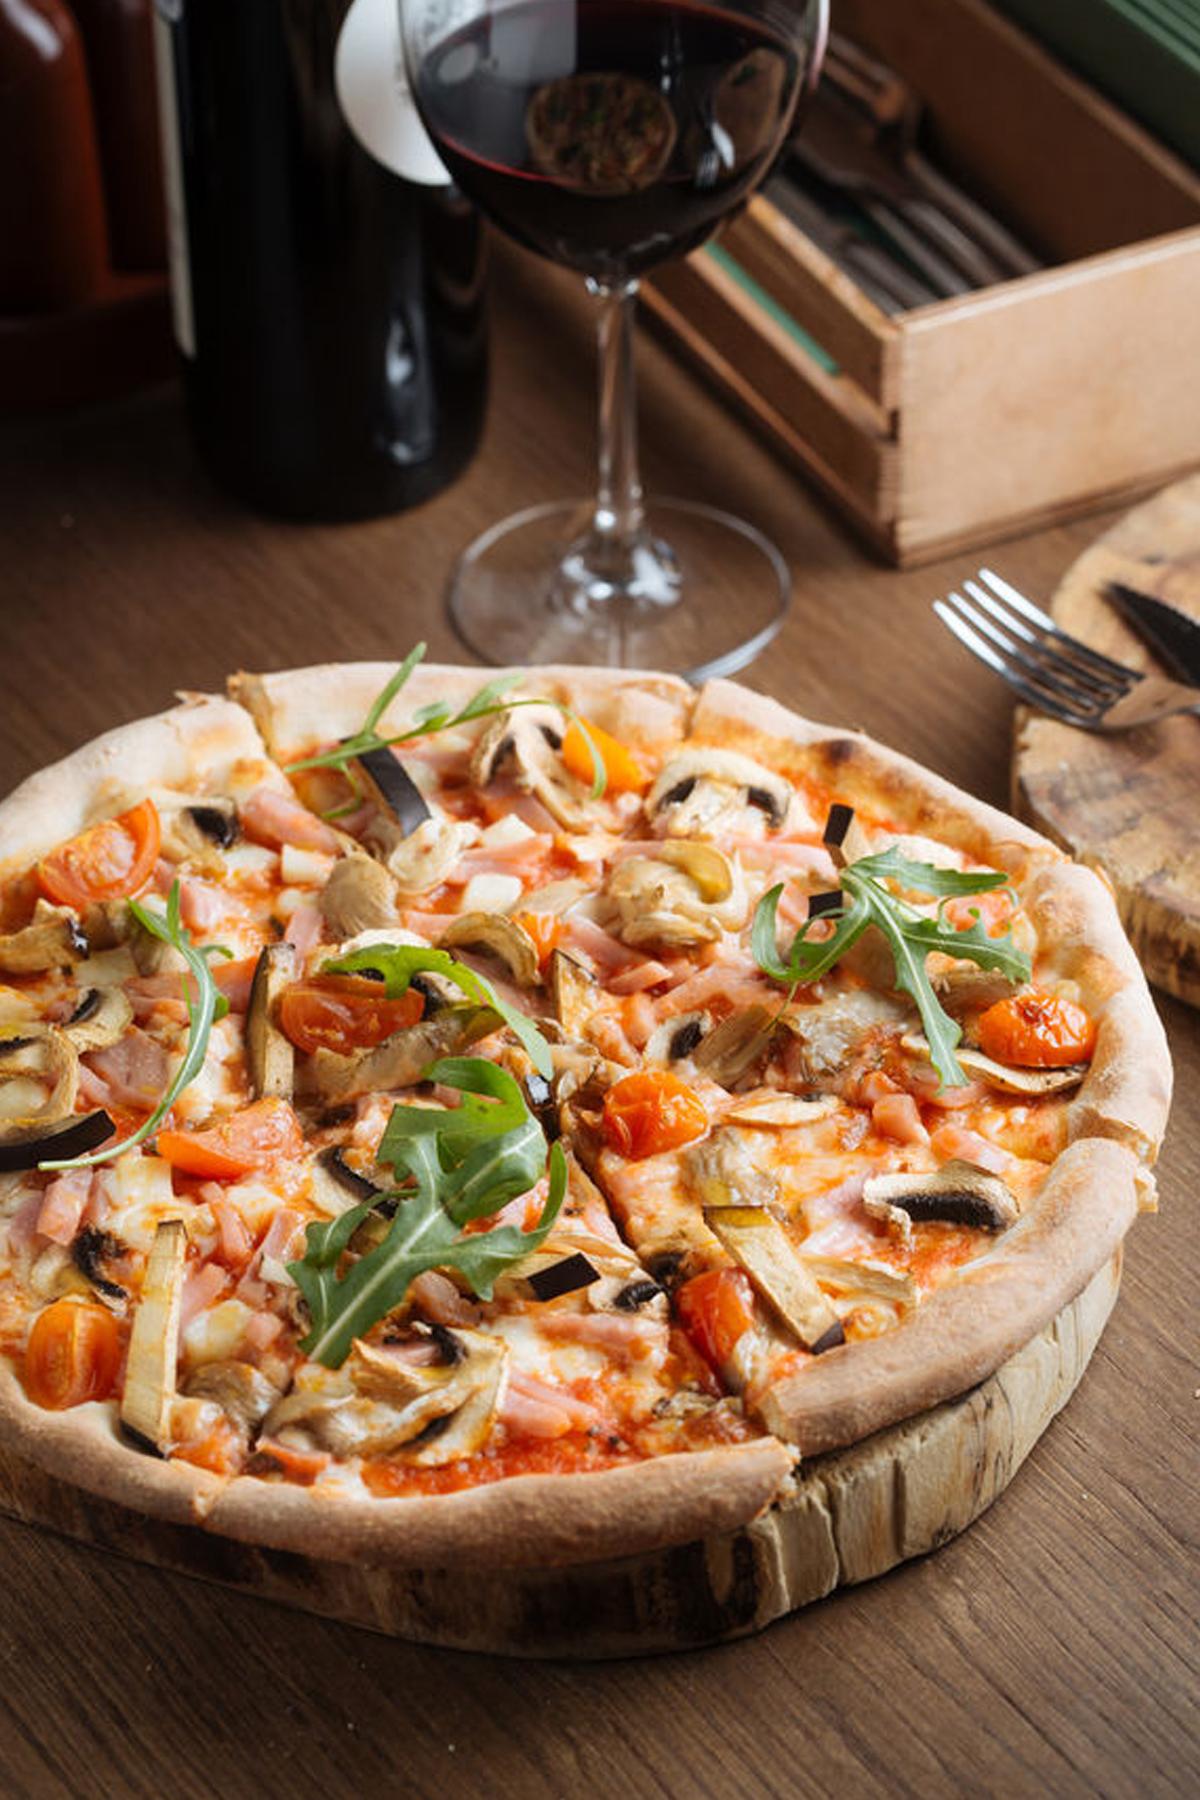 Prosciutto, Arugula, Tomato and Mushroom Flatbread Pizza